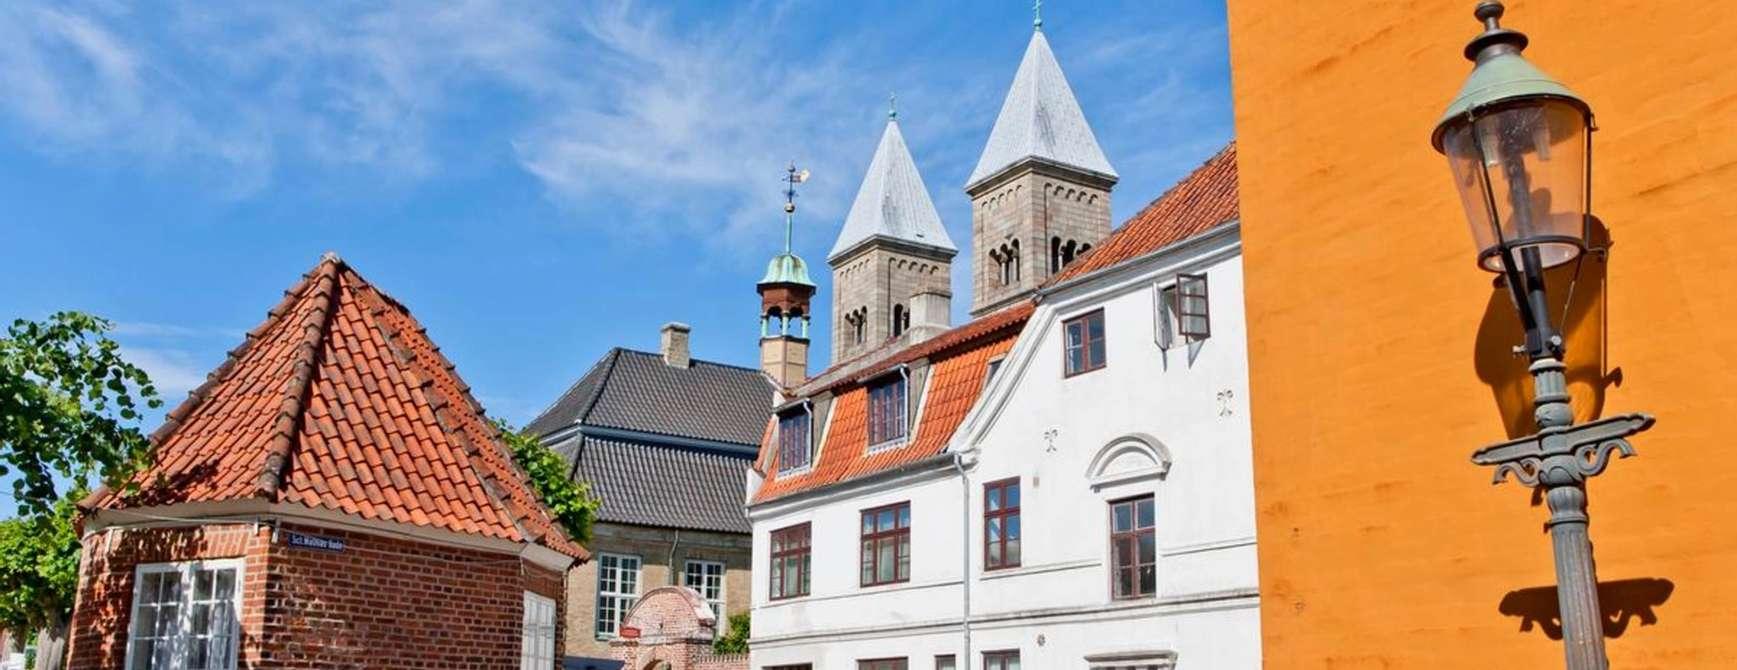 Gamle og koselige gateløp i Viborg. Foto: Visit Denmark